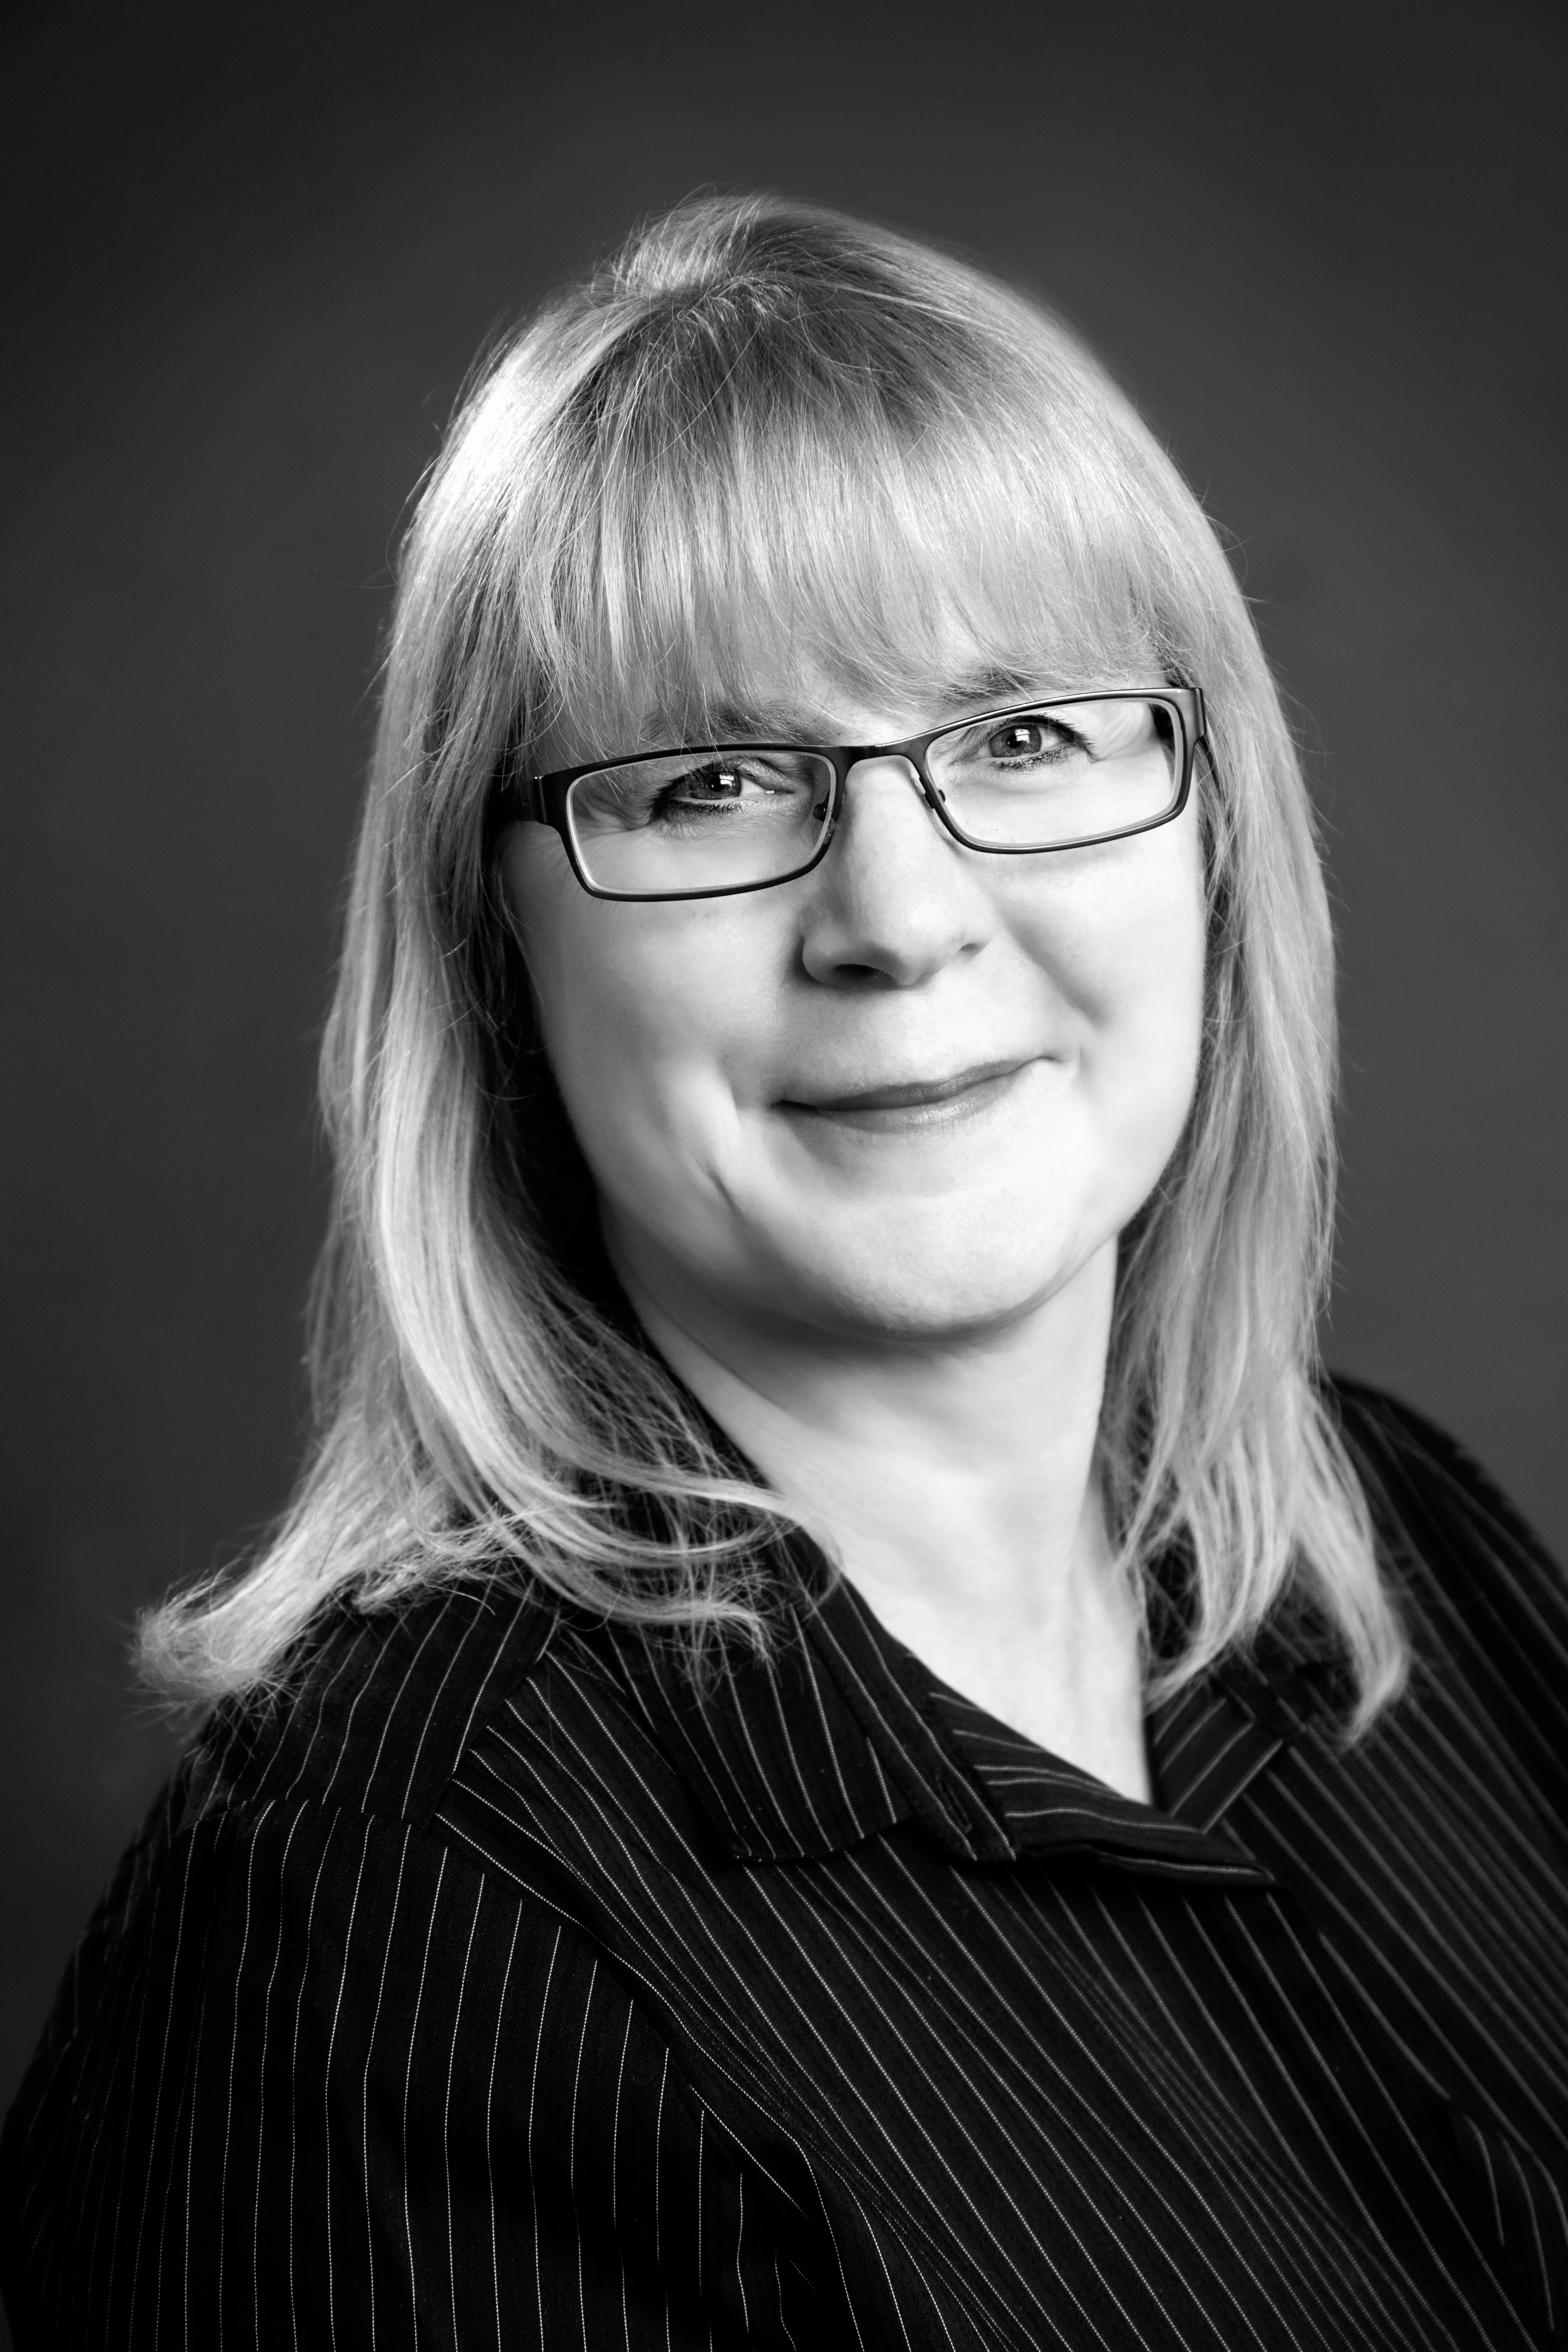 Ann Casstevens, The Great Game of Business